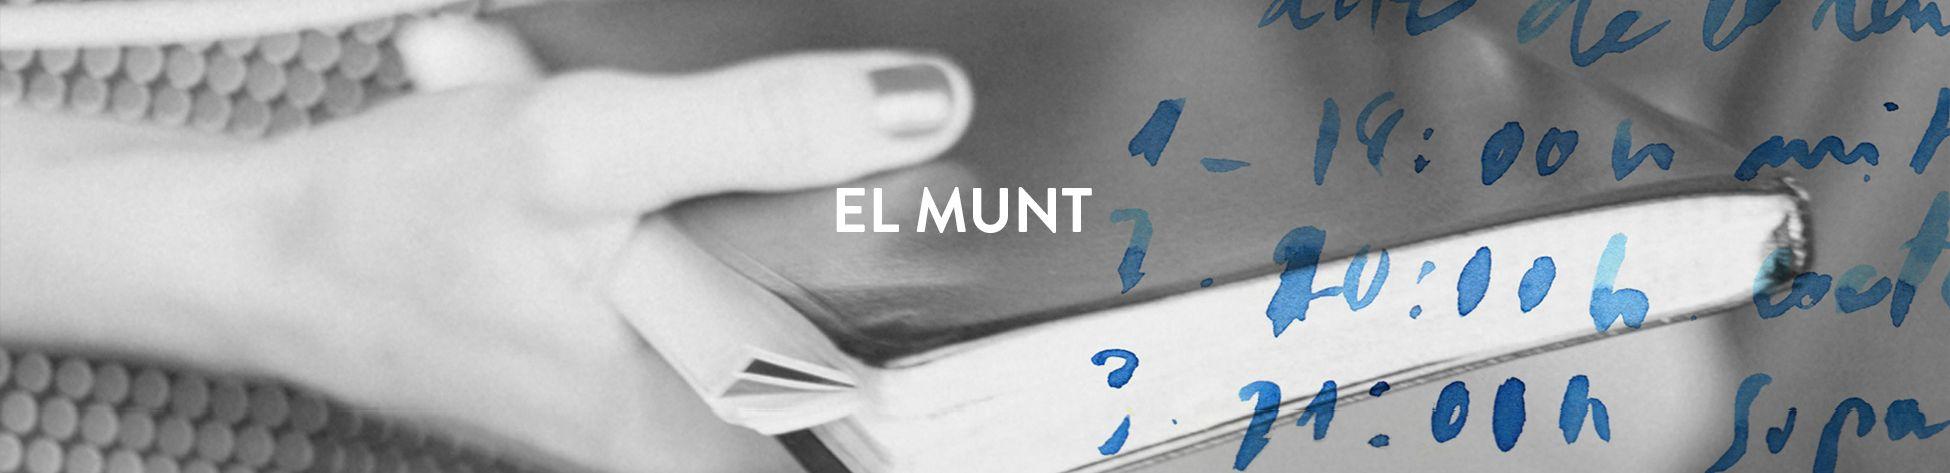 EL MUNT